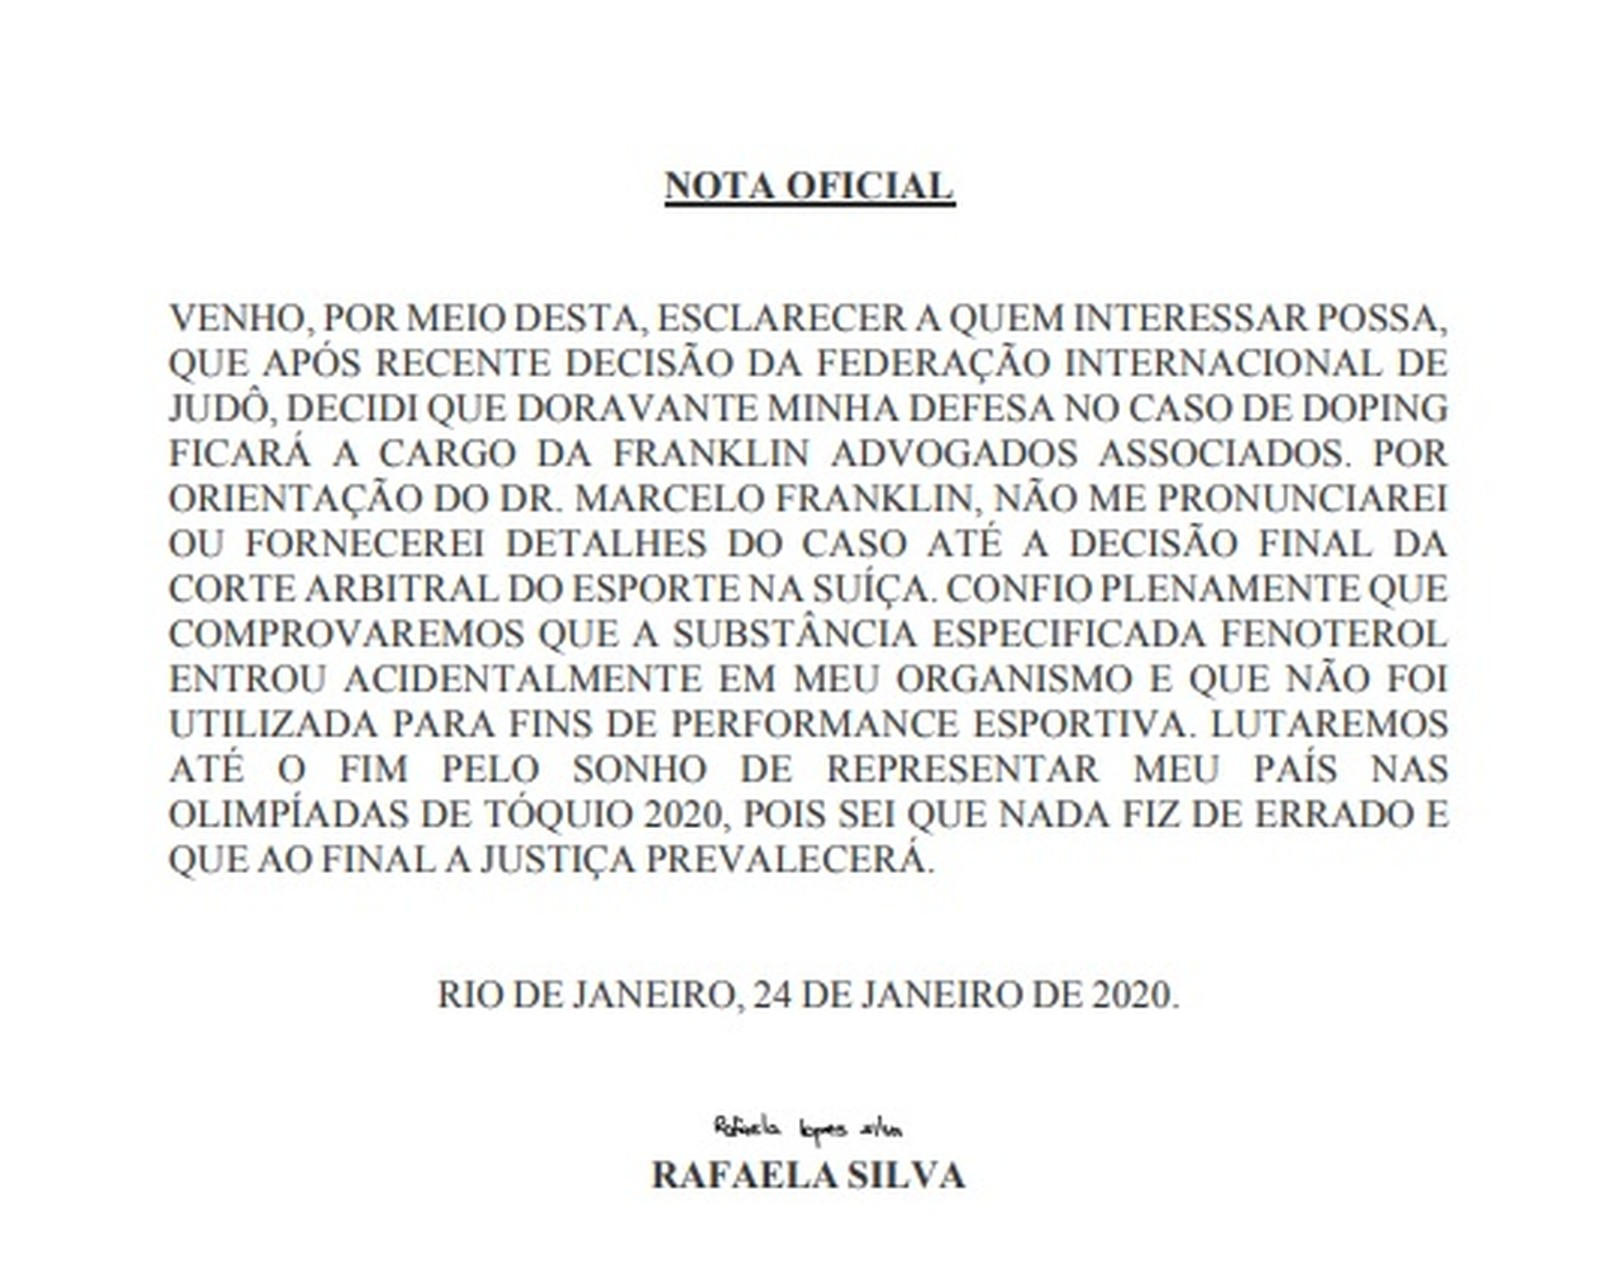 Campeã olímpica, judoca Rafaela Silva é suspensa por dois anos por doping